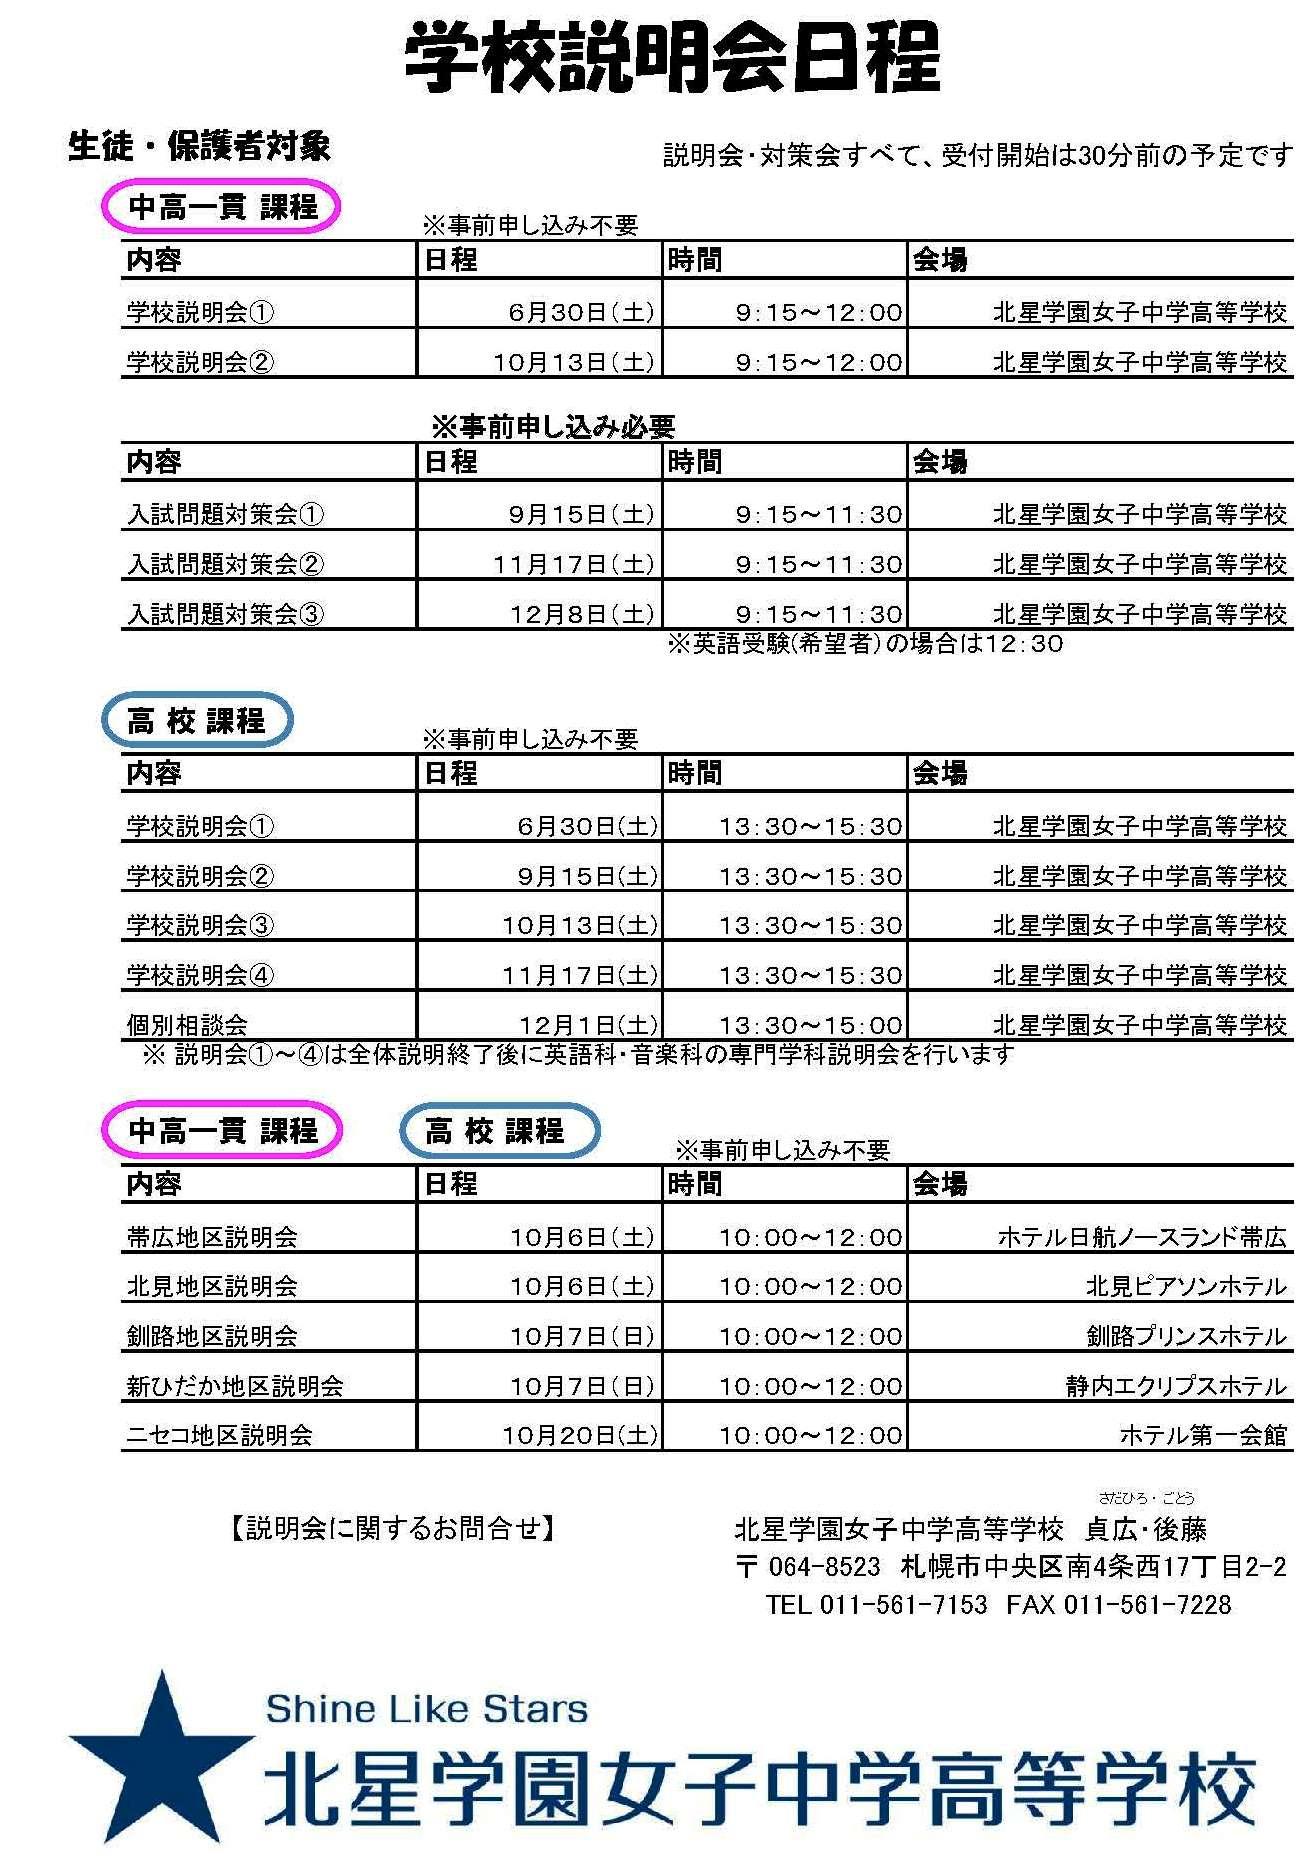 2018北星学園女子説明会日程_HP用